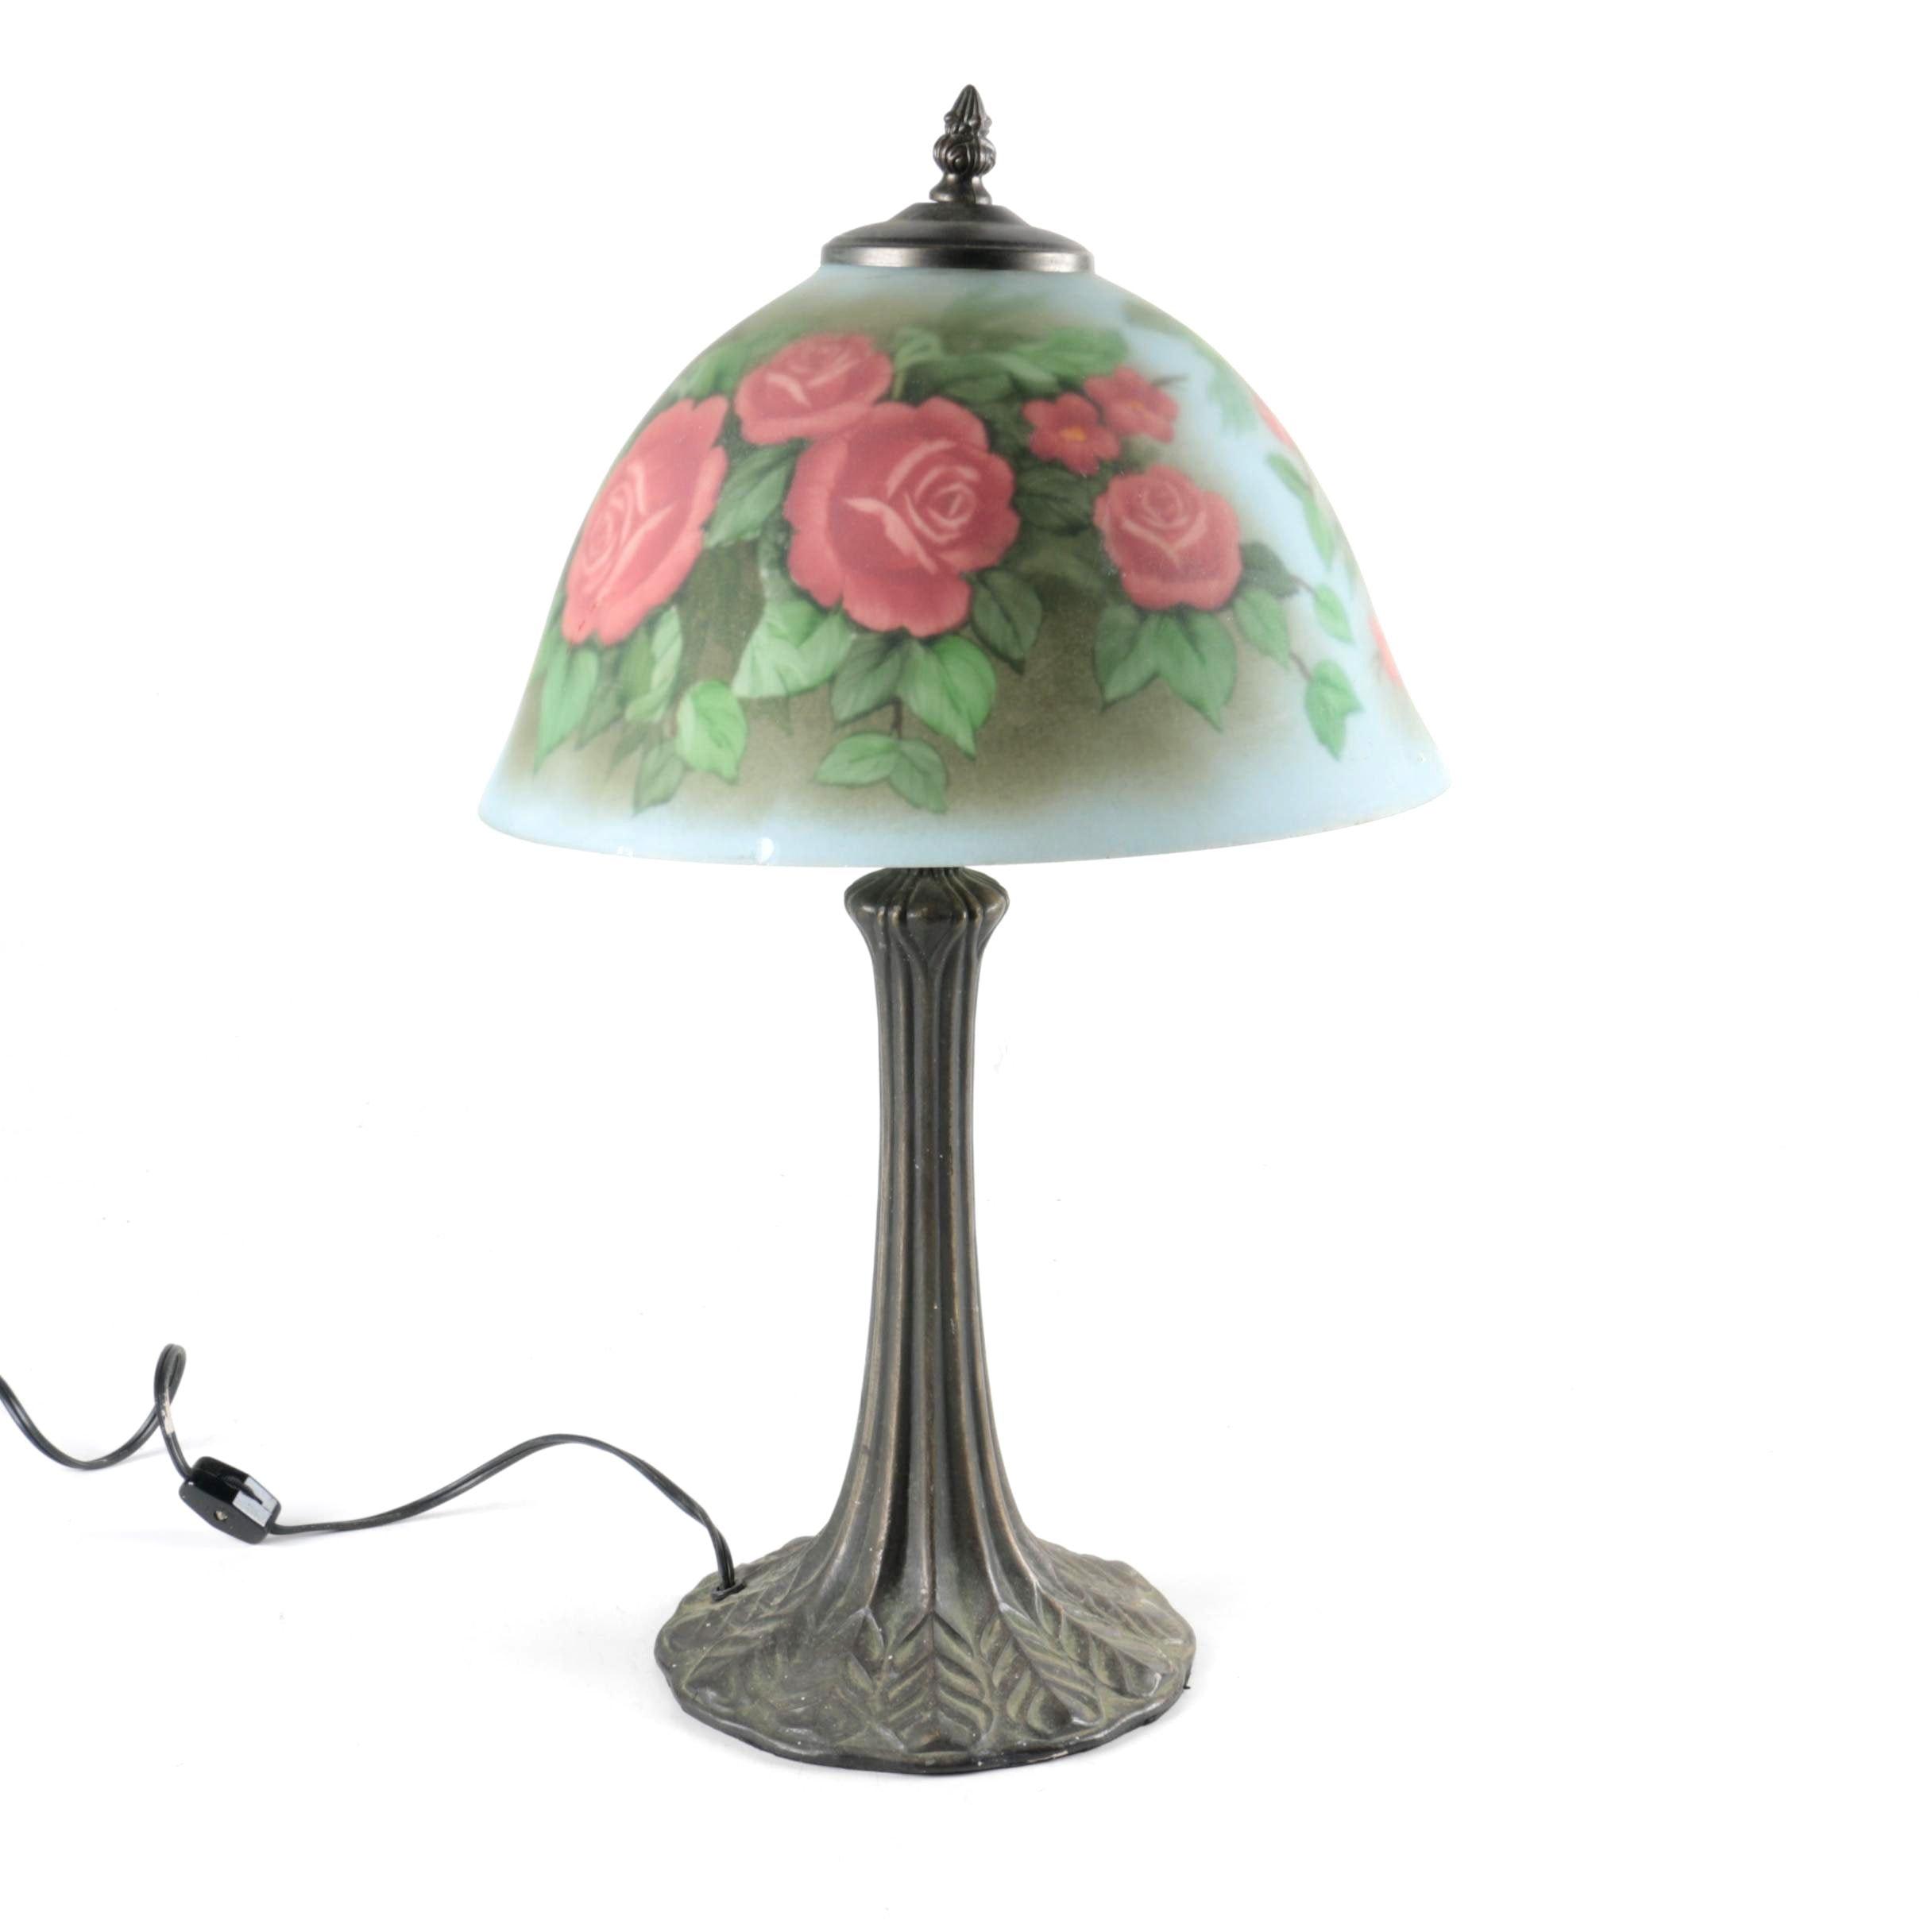 Art Nouveau Style Boudoir Lamp